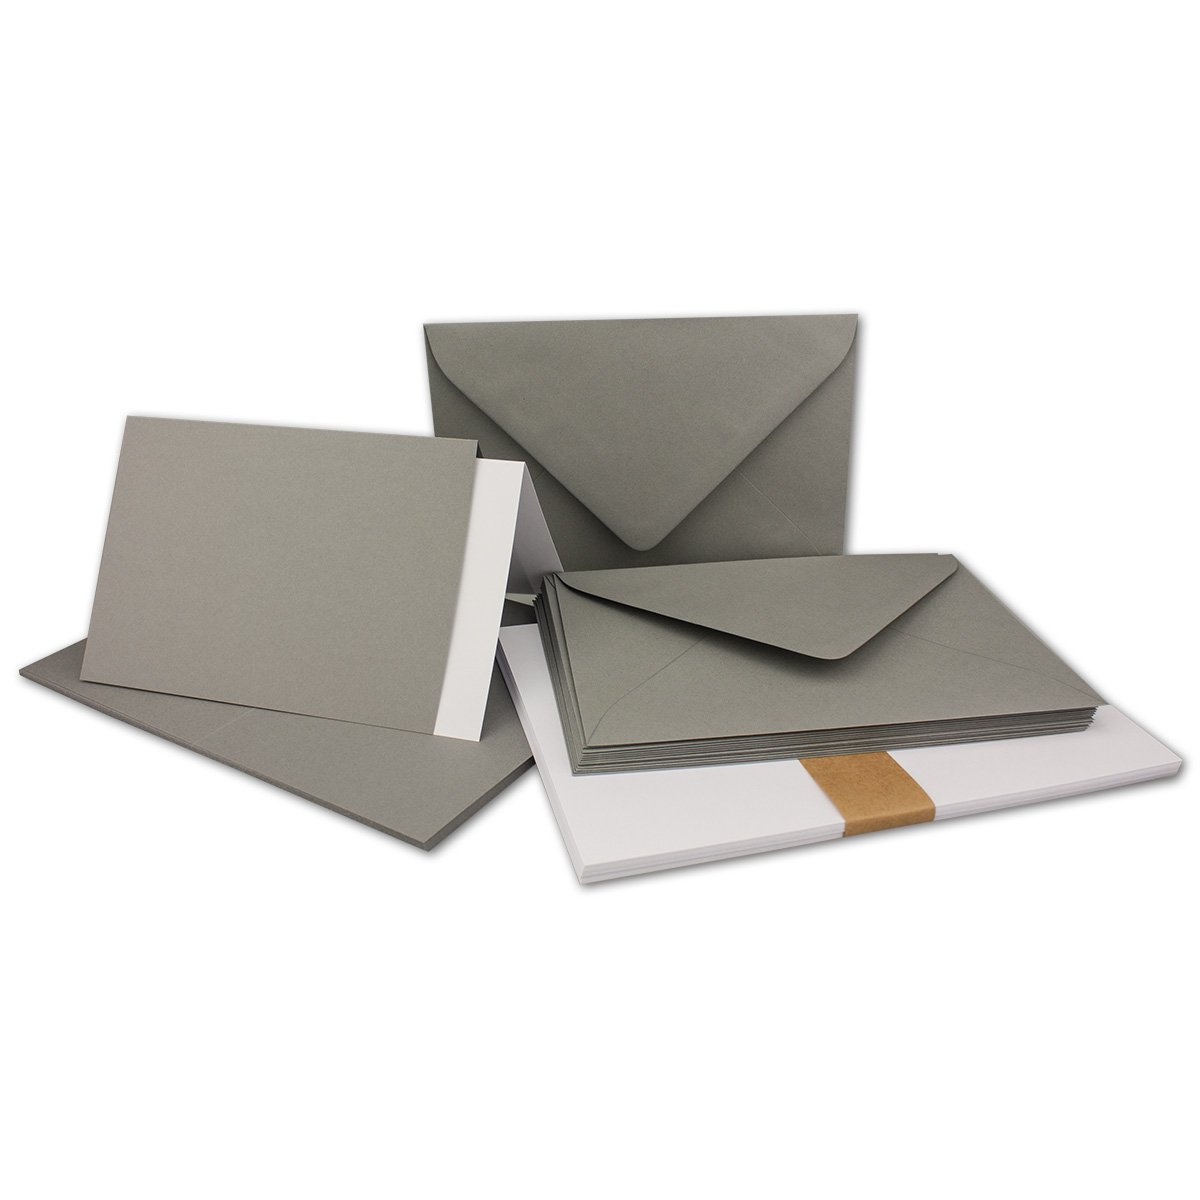 150 Sets - Faltkarten Hellgrau - DIN A5  Umschläge  Einlegeblätter DIN C5 - PREMIUM QUALITÄT - sehr formstabil - Qualitätsmarke  NEUSER FarbenFroh B07C2ZZ5H8 | Starker Wert